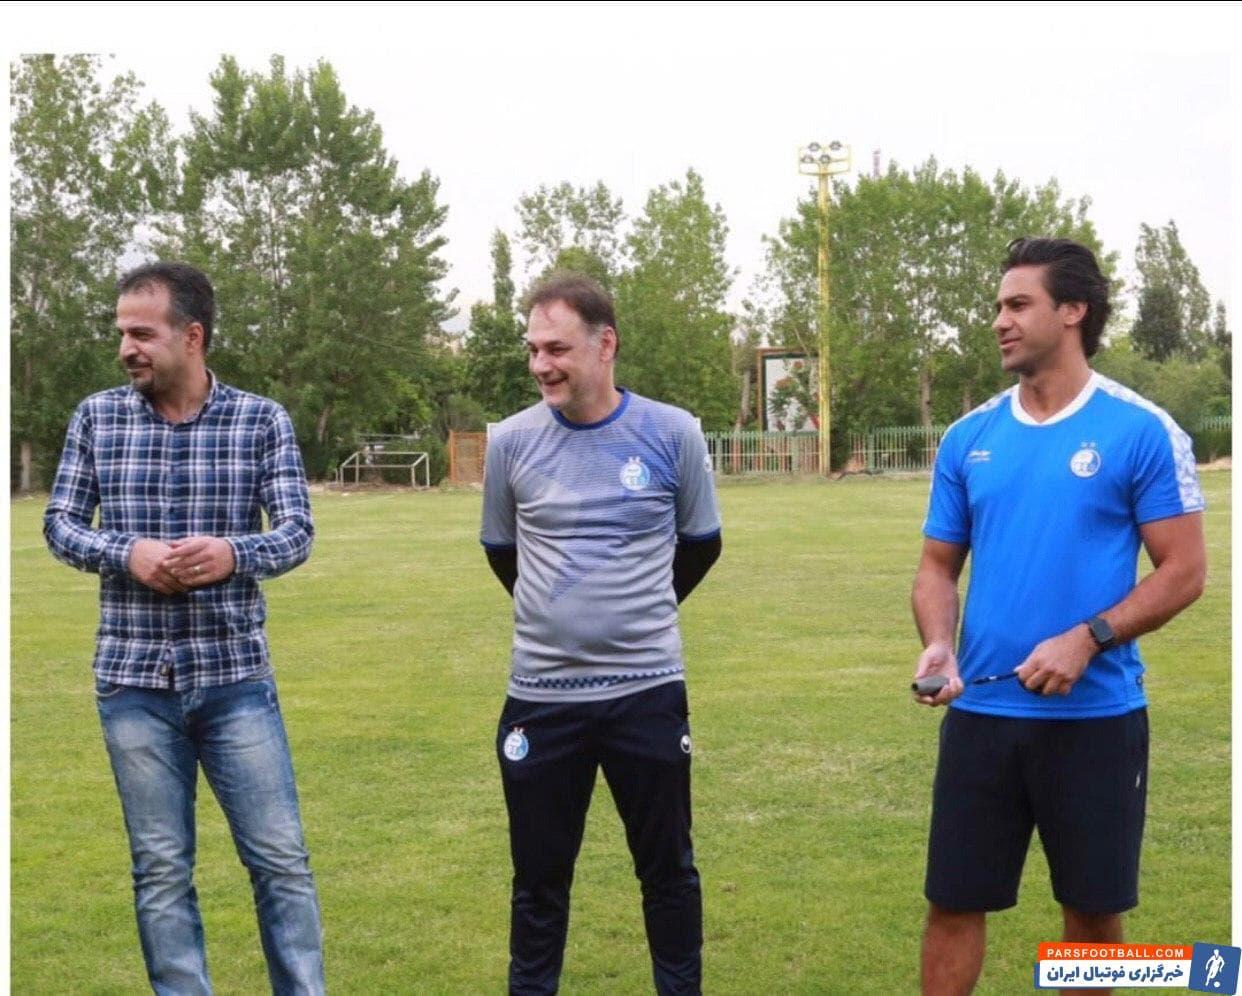 بازیکنان استقلال پیش از شروع تمرین دیروز استقلال دور هم جمع شدند و با دست زدن برای سعید رمضانی و مجید نامجو مطلق تولد آنها را تبریک گفتند.